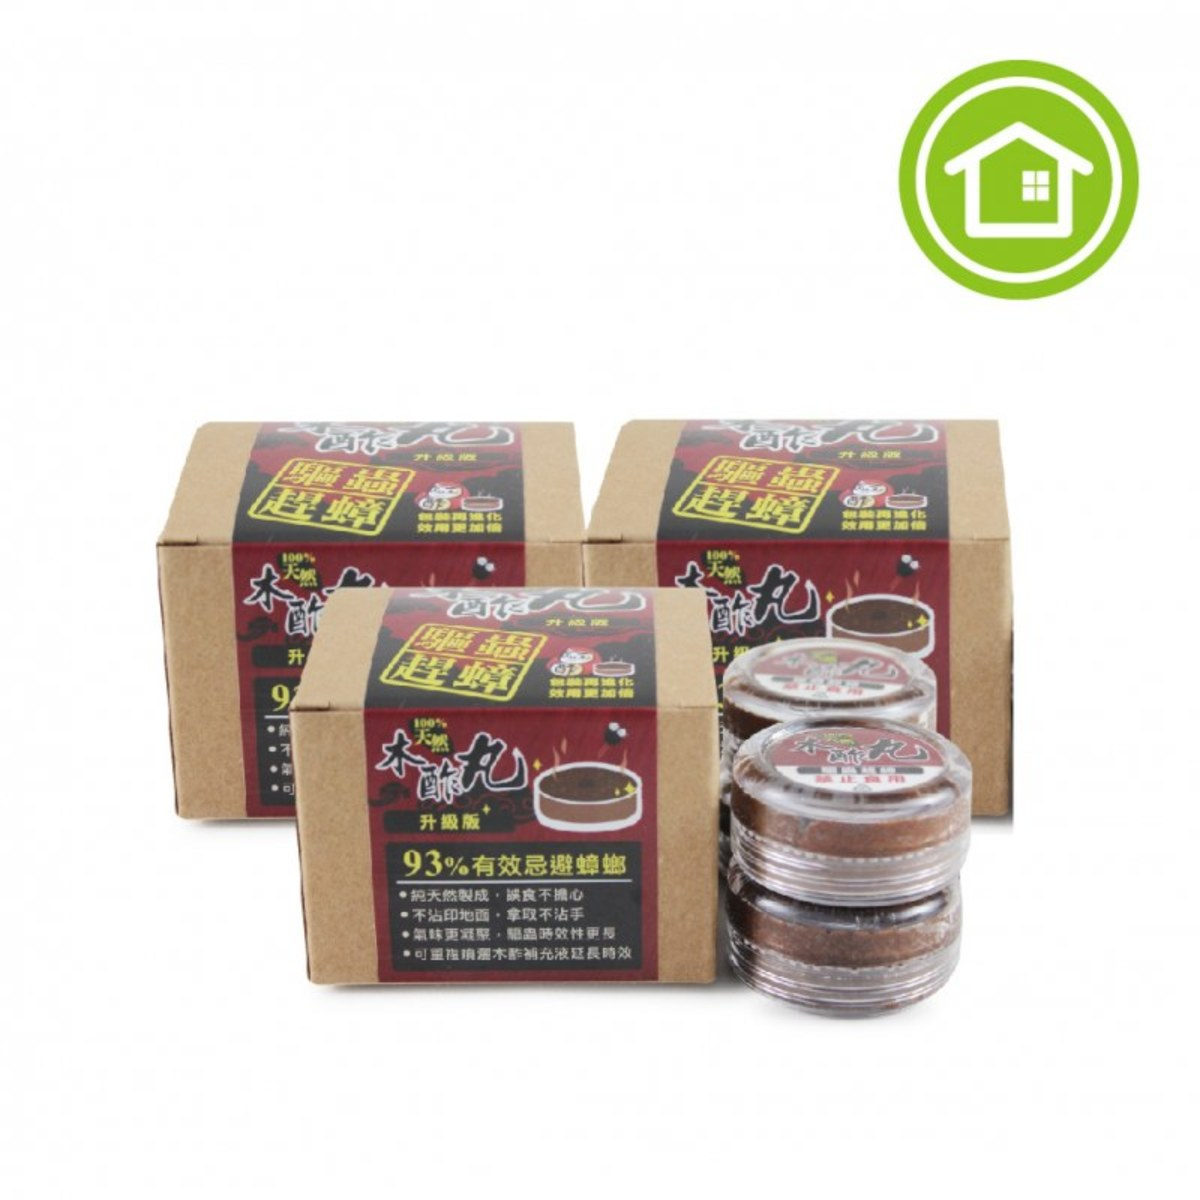 木酢丸單盒